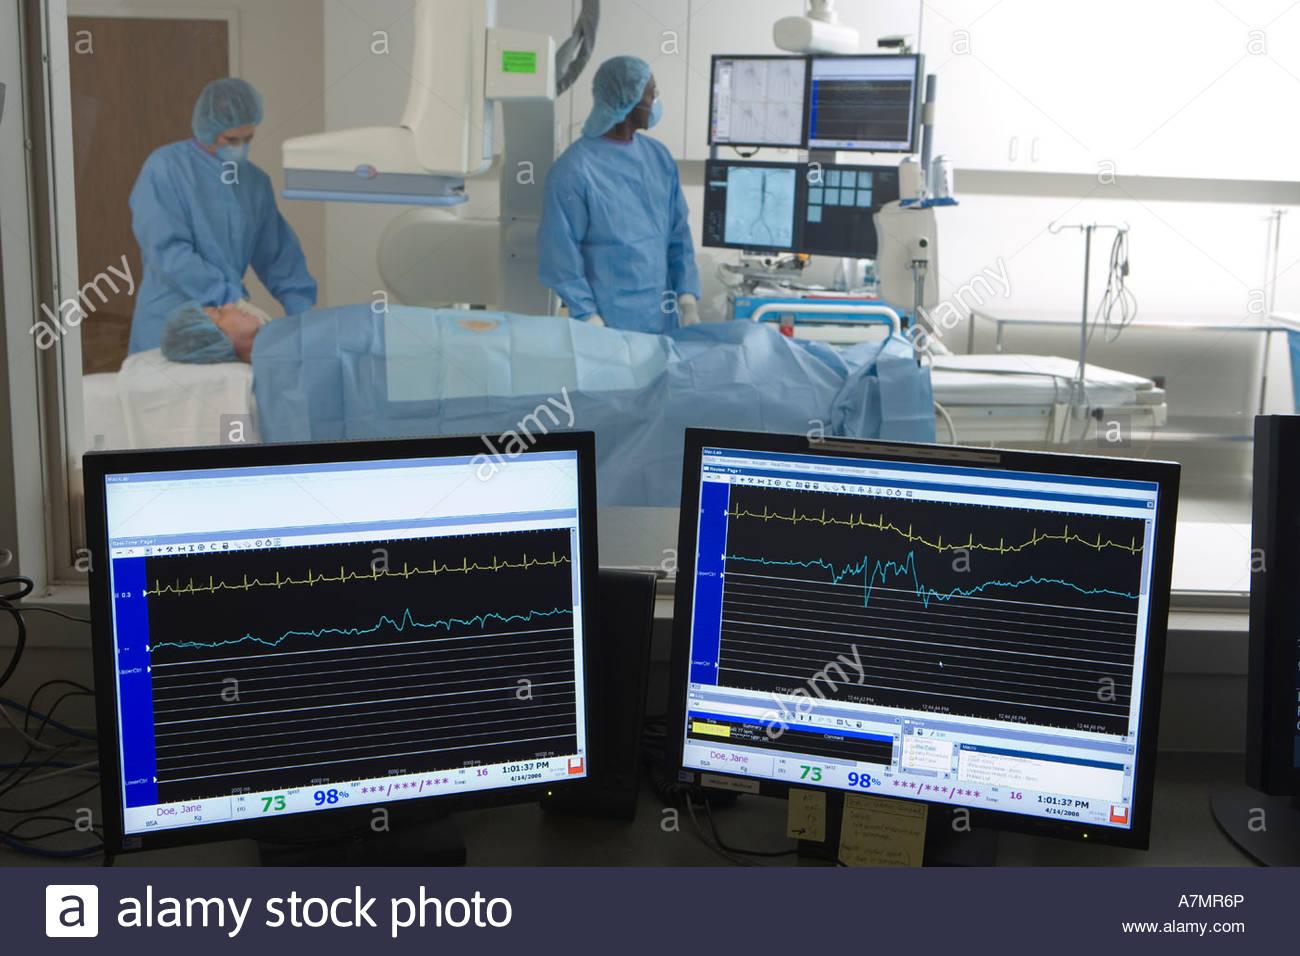 I medici la scansione il paziente in ospedale esegue il monitoraggio visivo in primo piano Immagini Stock